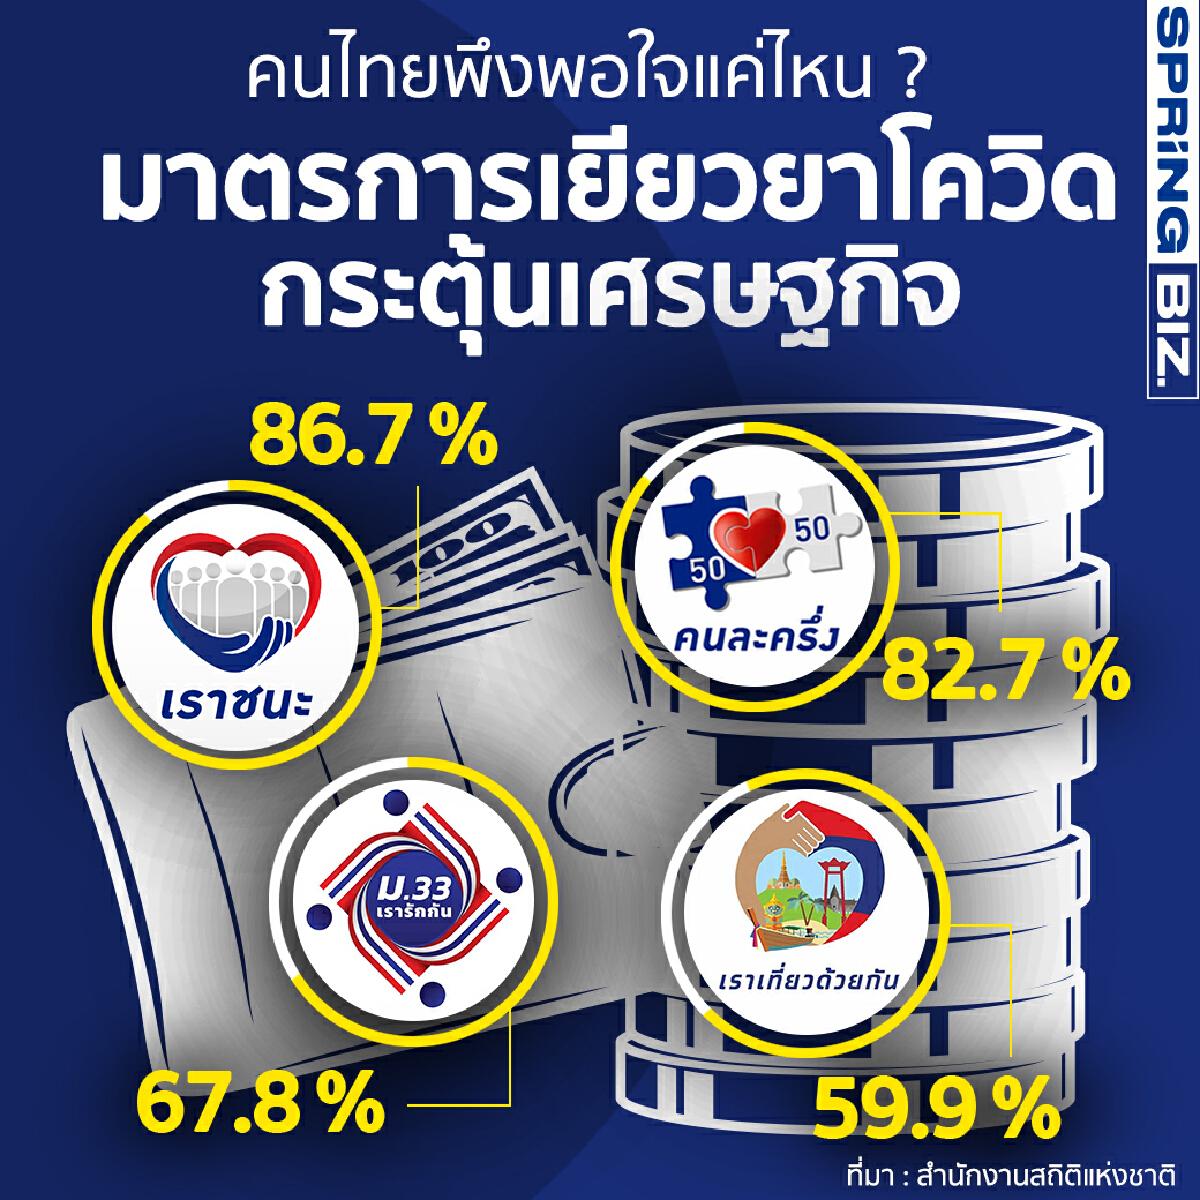 คนไทยพึงพอใจ แค่ไหน? มาตรการเยียวยาโควิด - กระตุ้นเศรษฐกิจที่ผ่านมา